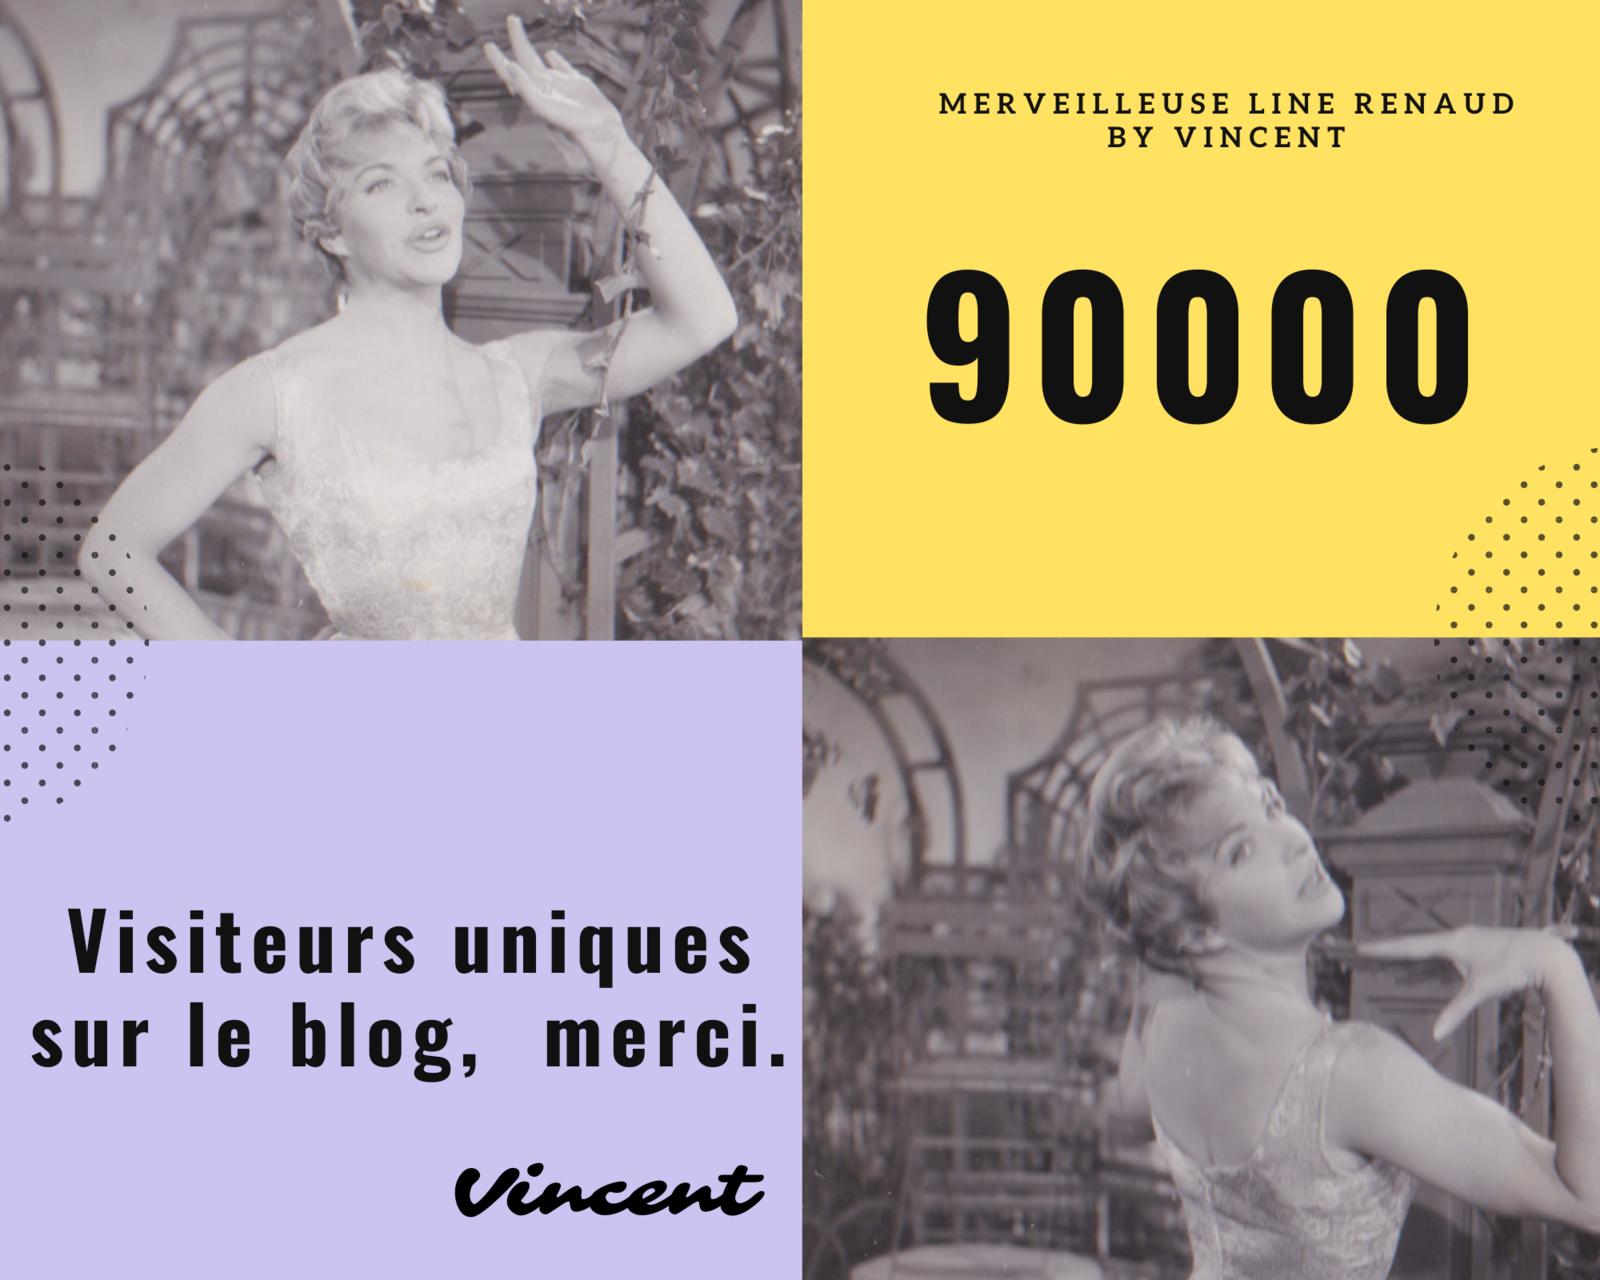 INFO BLOG: 90000 Visiteurs Uniques sur le Blog Merci